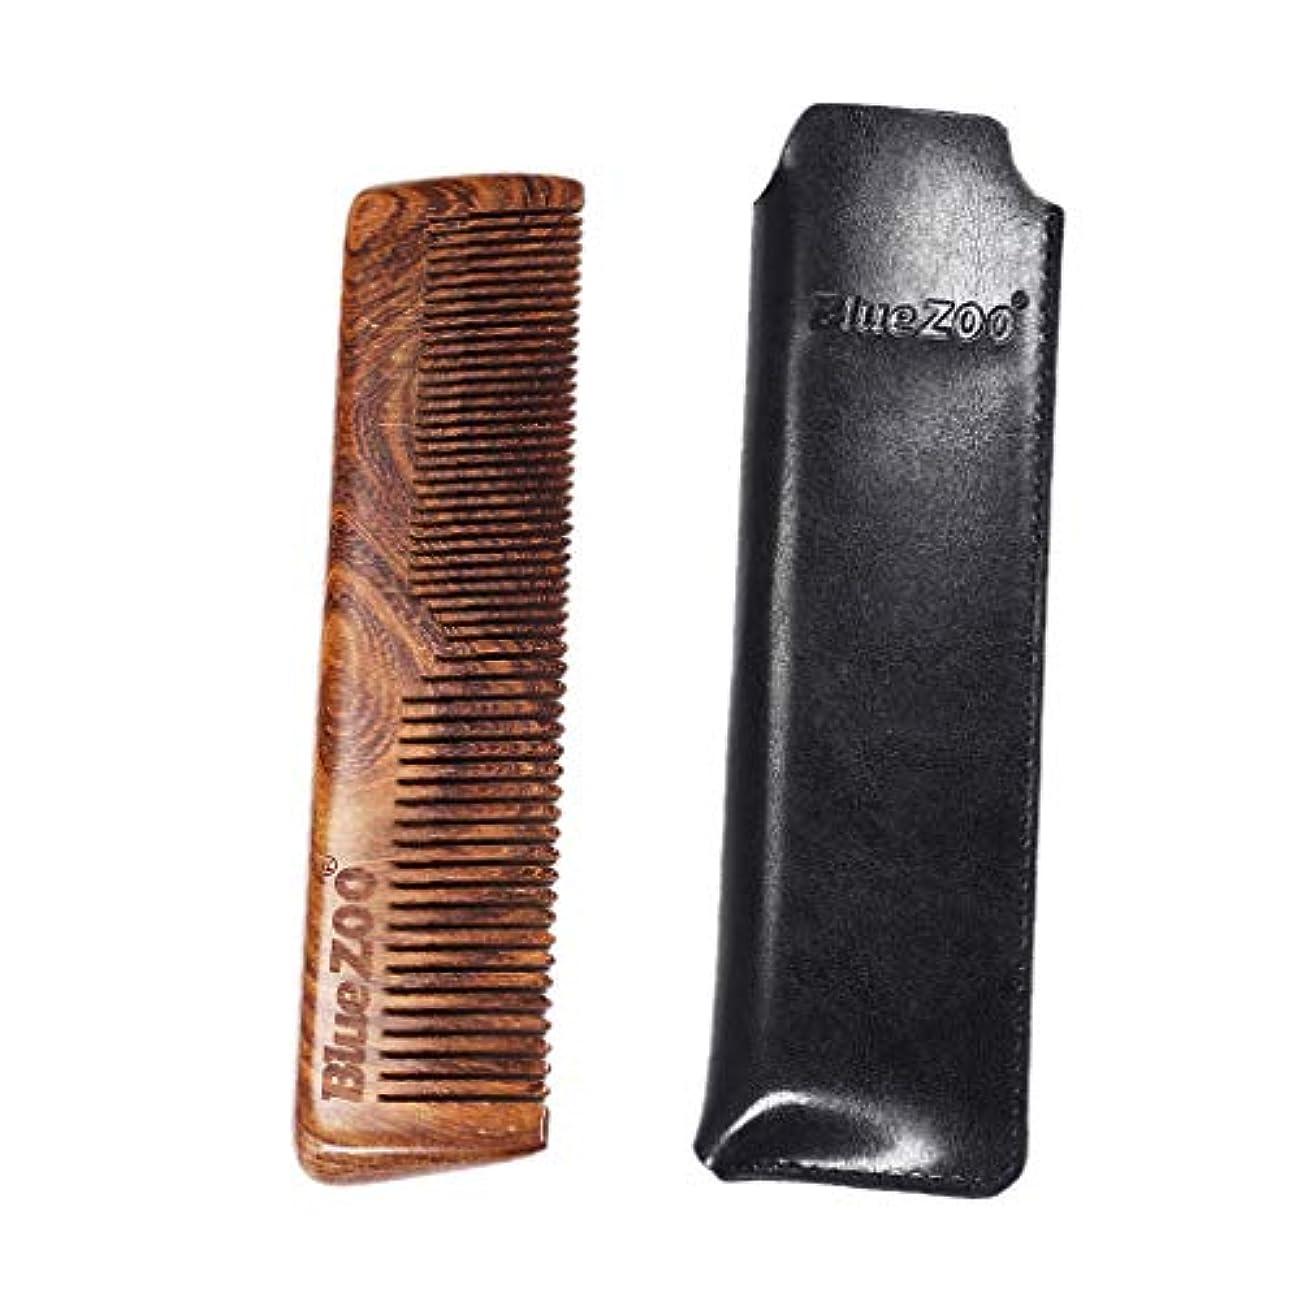 コンプライアンス詩人歪めるToygogo 手作りサンダルウッド木製男性のひげ口ひげ顔の毛の櫛グルーミングスタイリングシェーピングツールと男性用理容室用PUケース - ブラック